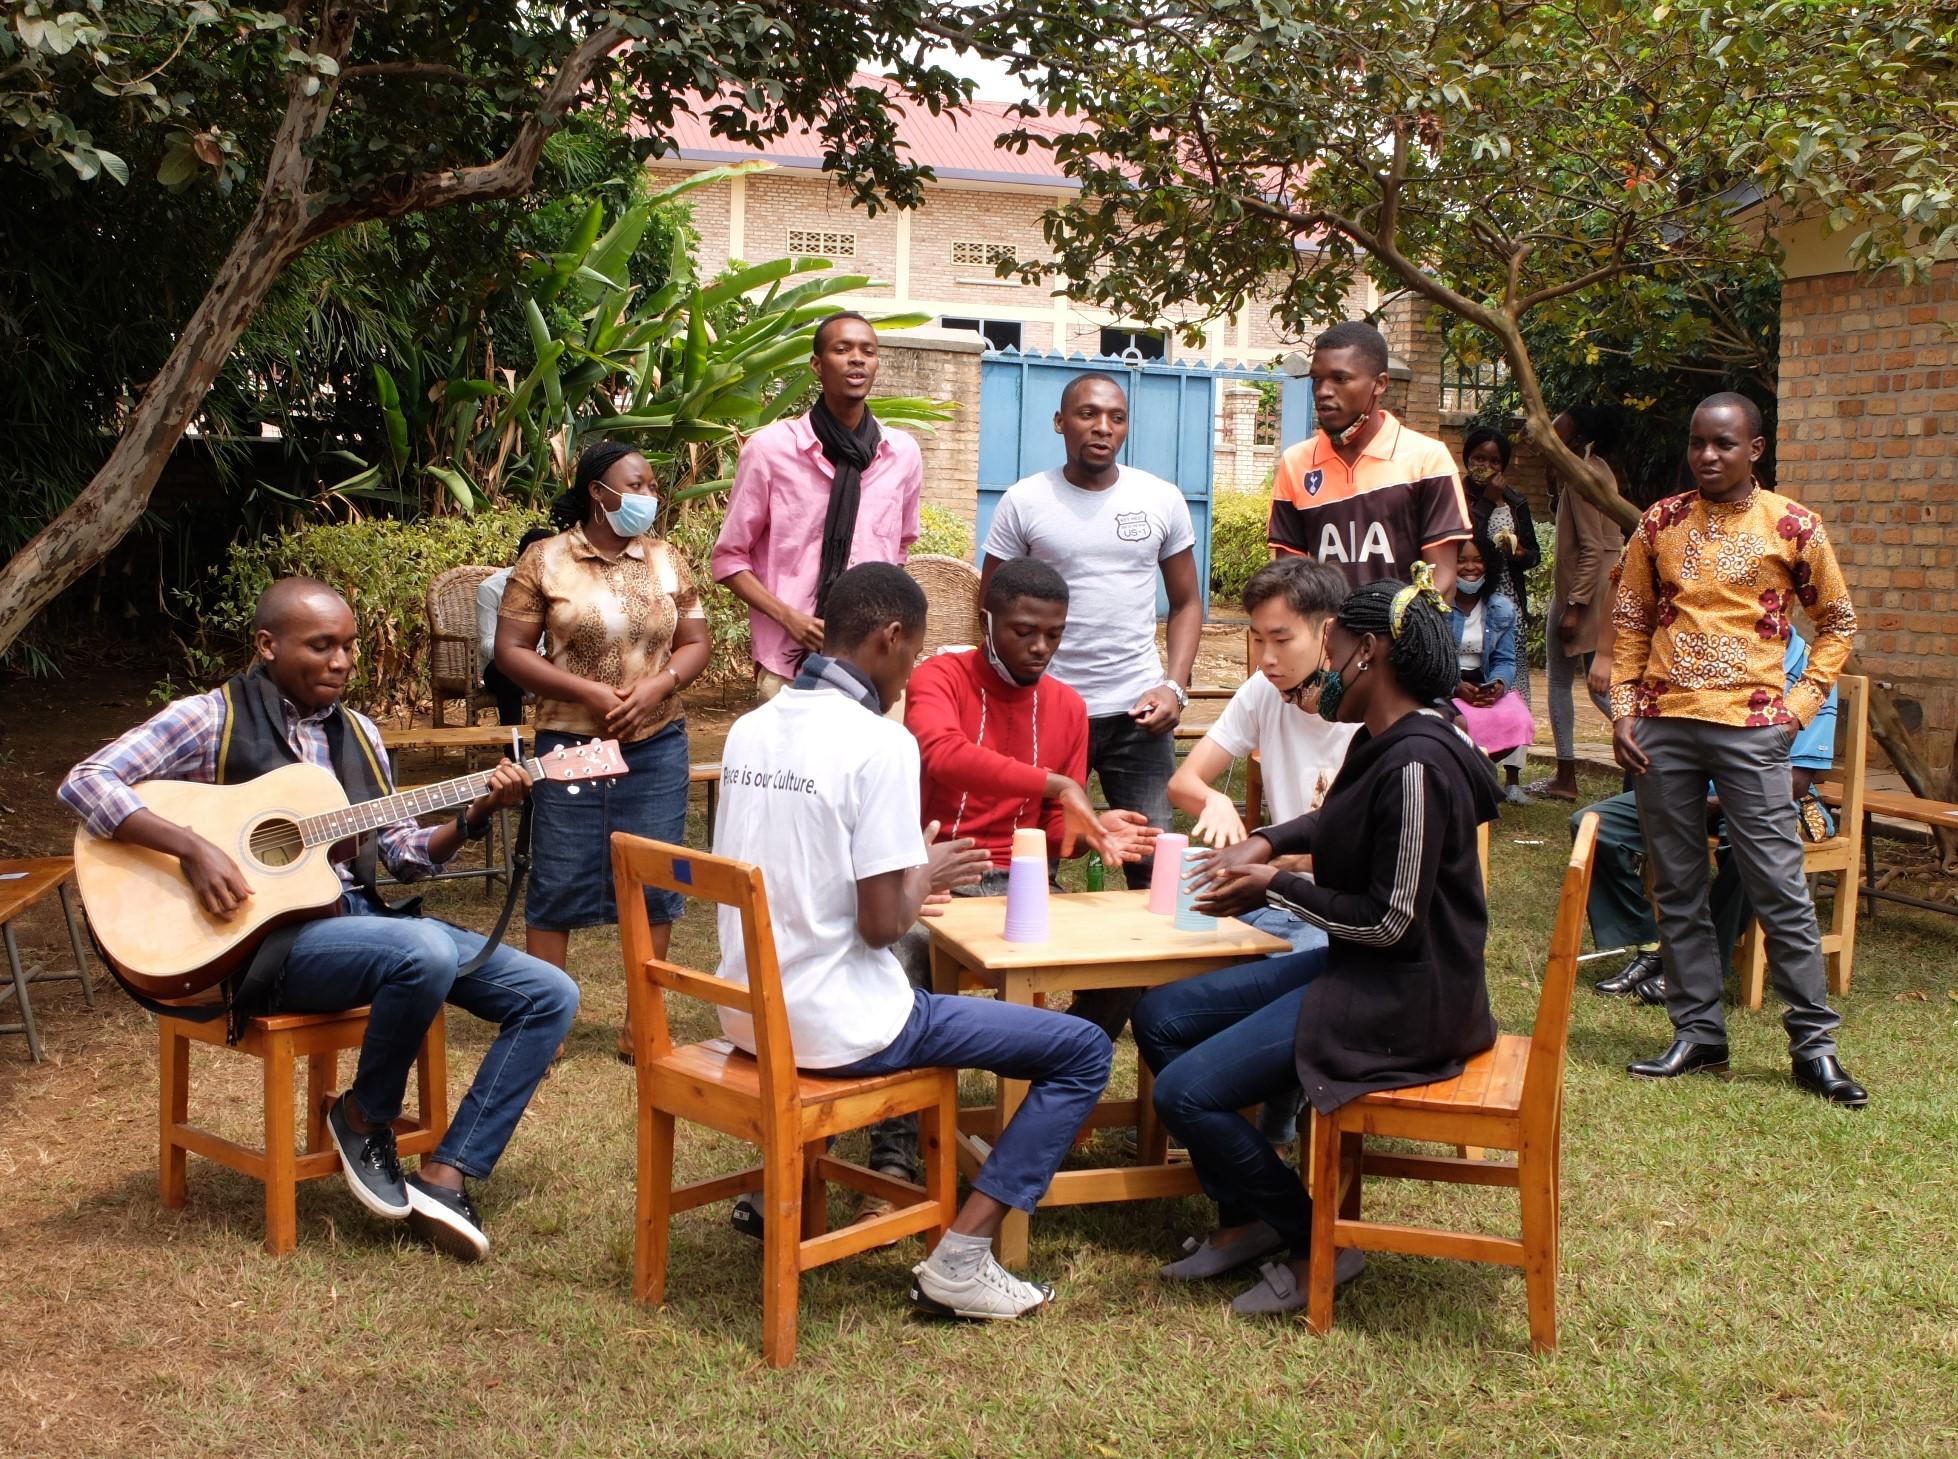 コロナ影響下にあって学生寮で生活を続ける留学生たち